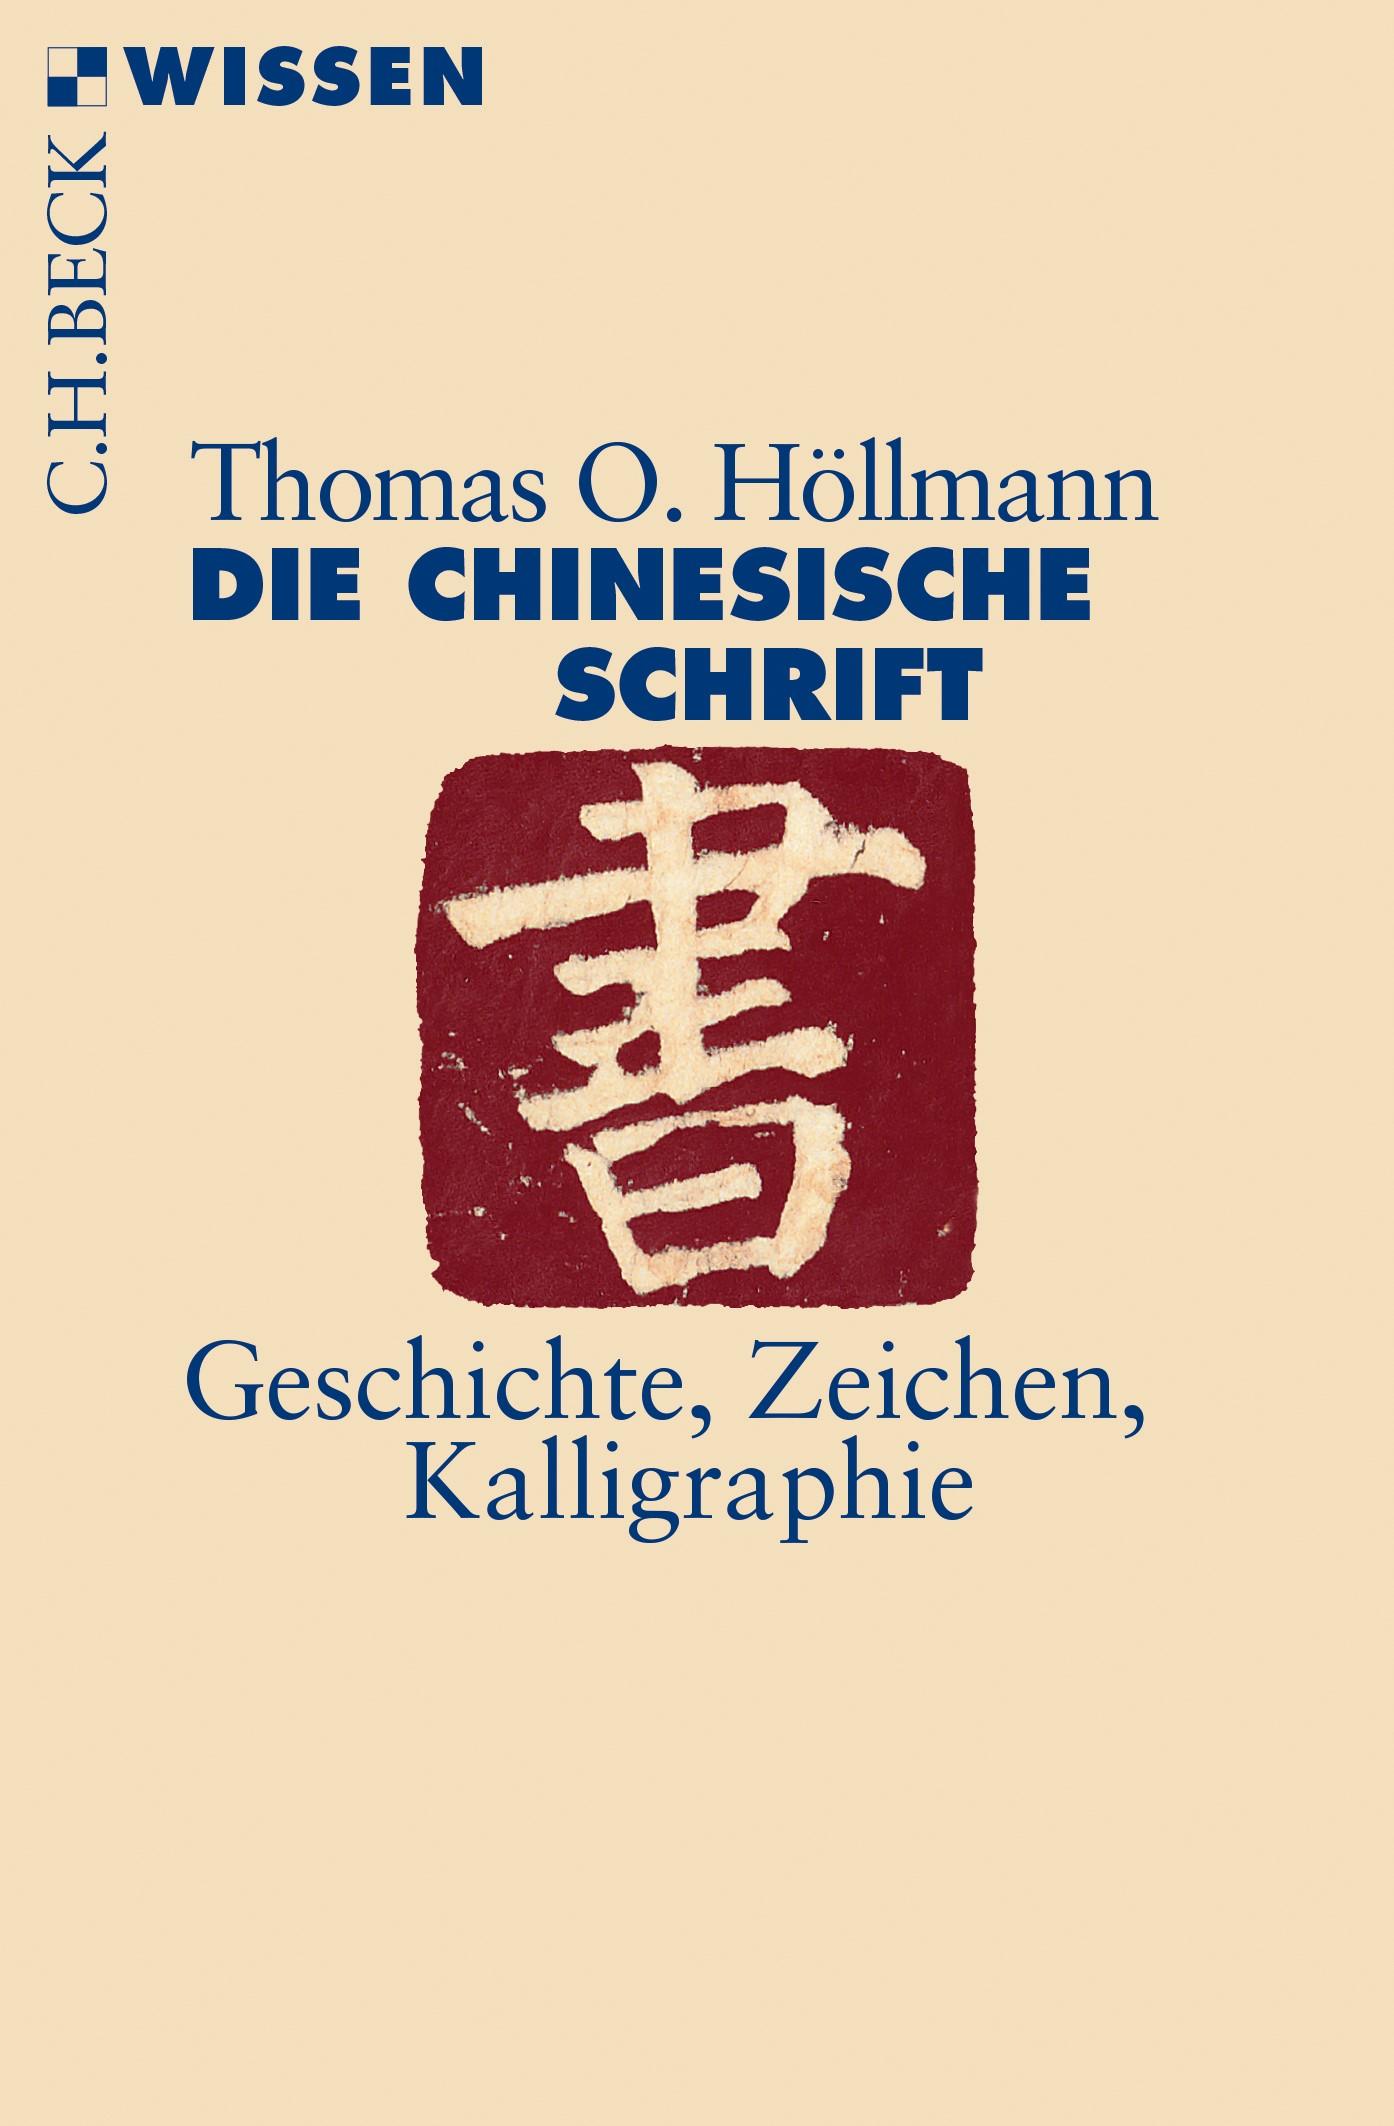 Cover des Buches 'Die chinesische Schrift'